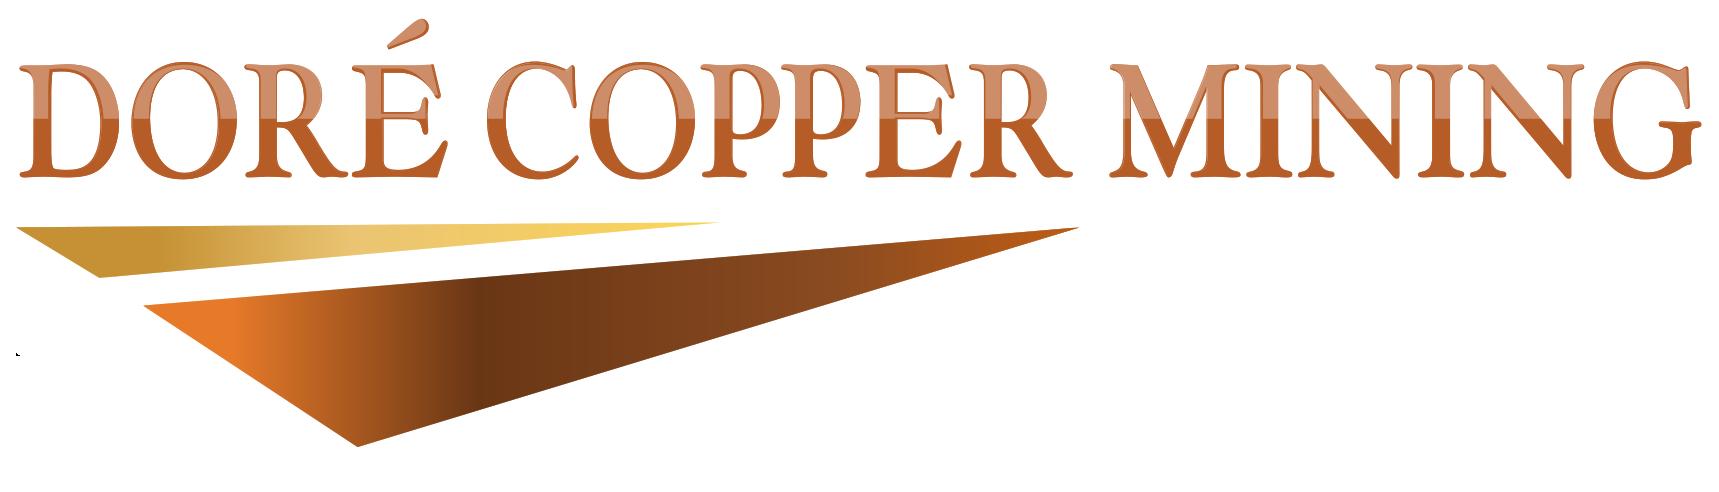 Dore Copper Mining